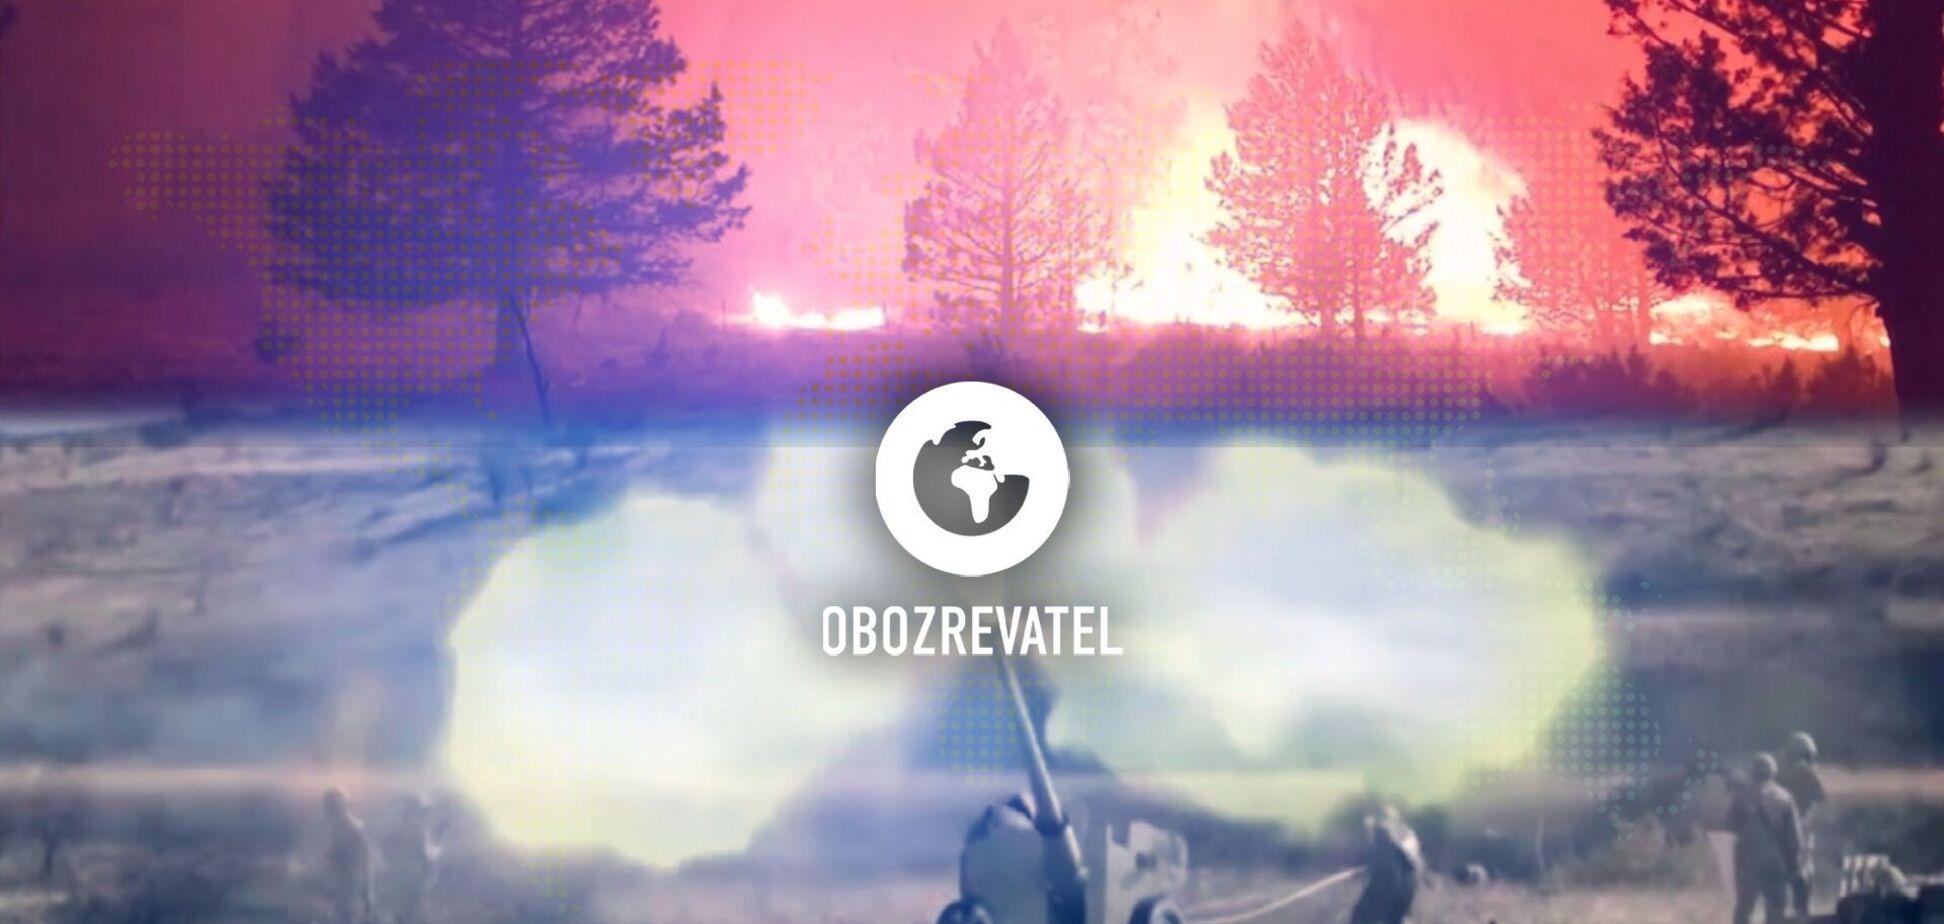 В ловушке огня. Лесные пожары в Америке и России – дайджест международных событий